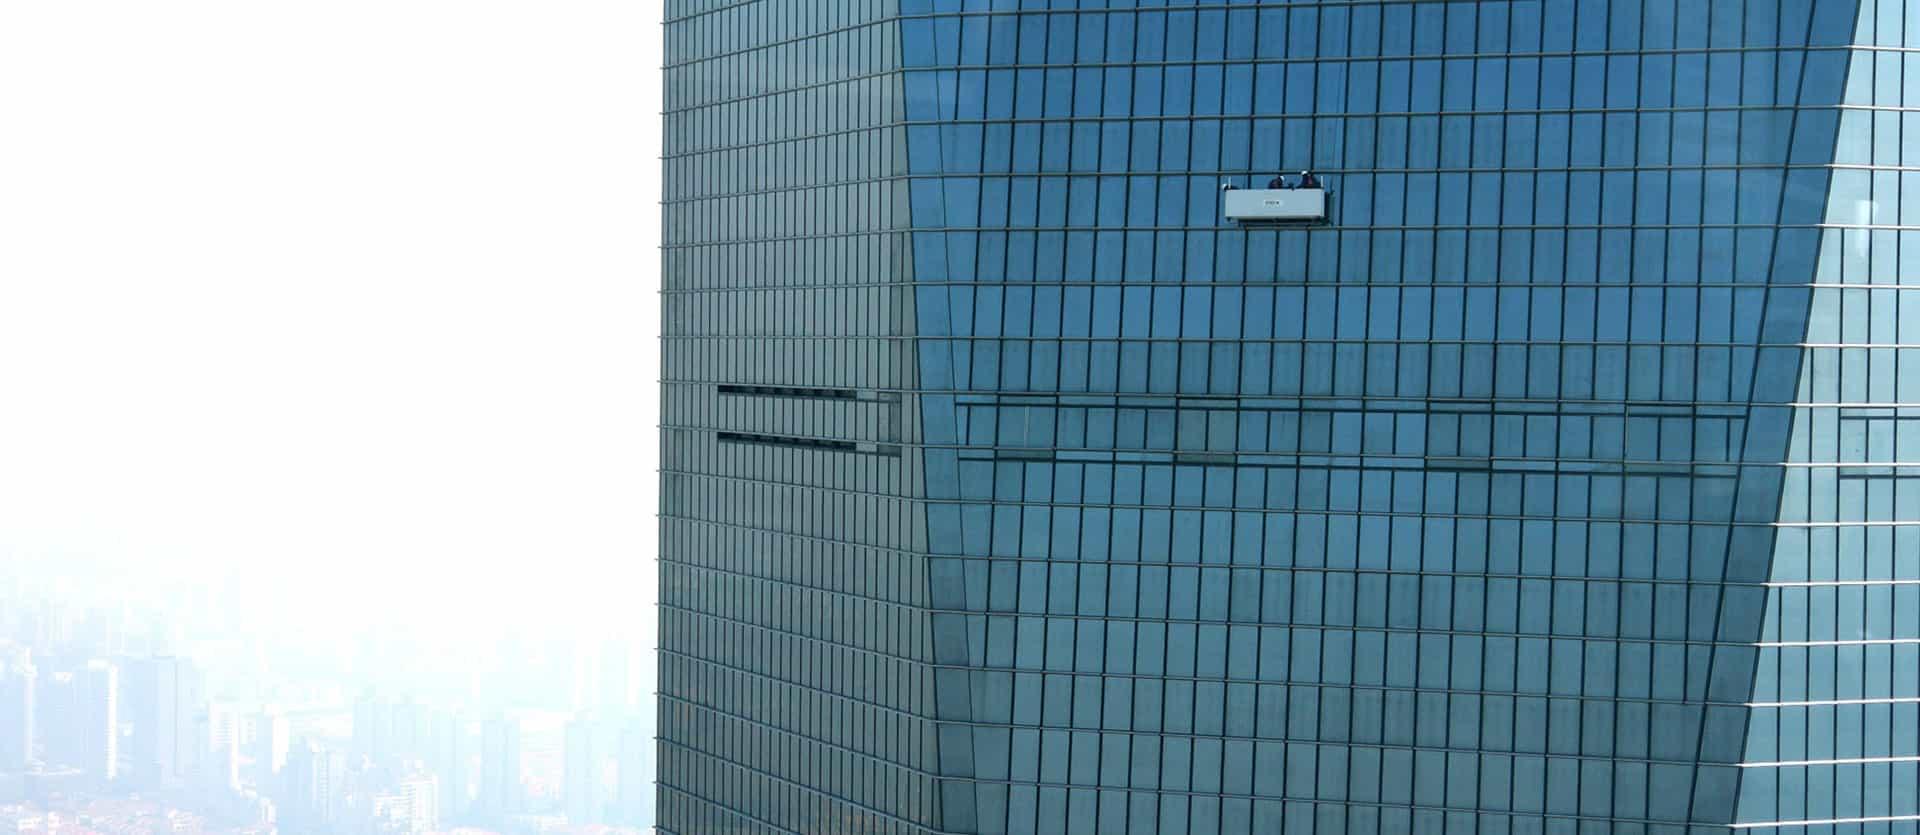 Lavage de vitres sur building en hauteur